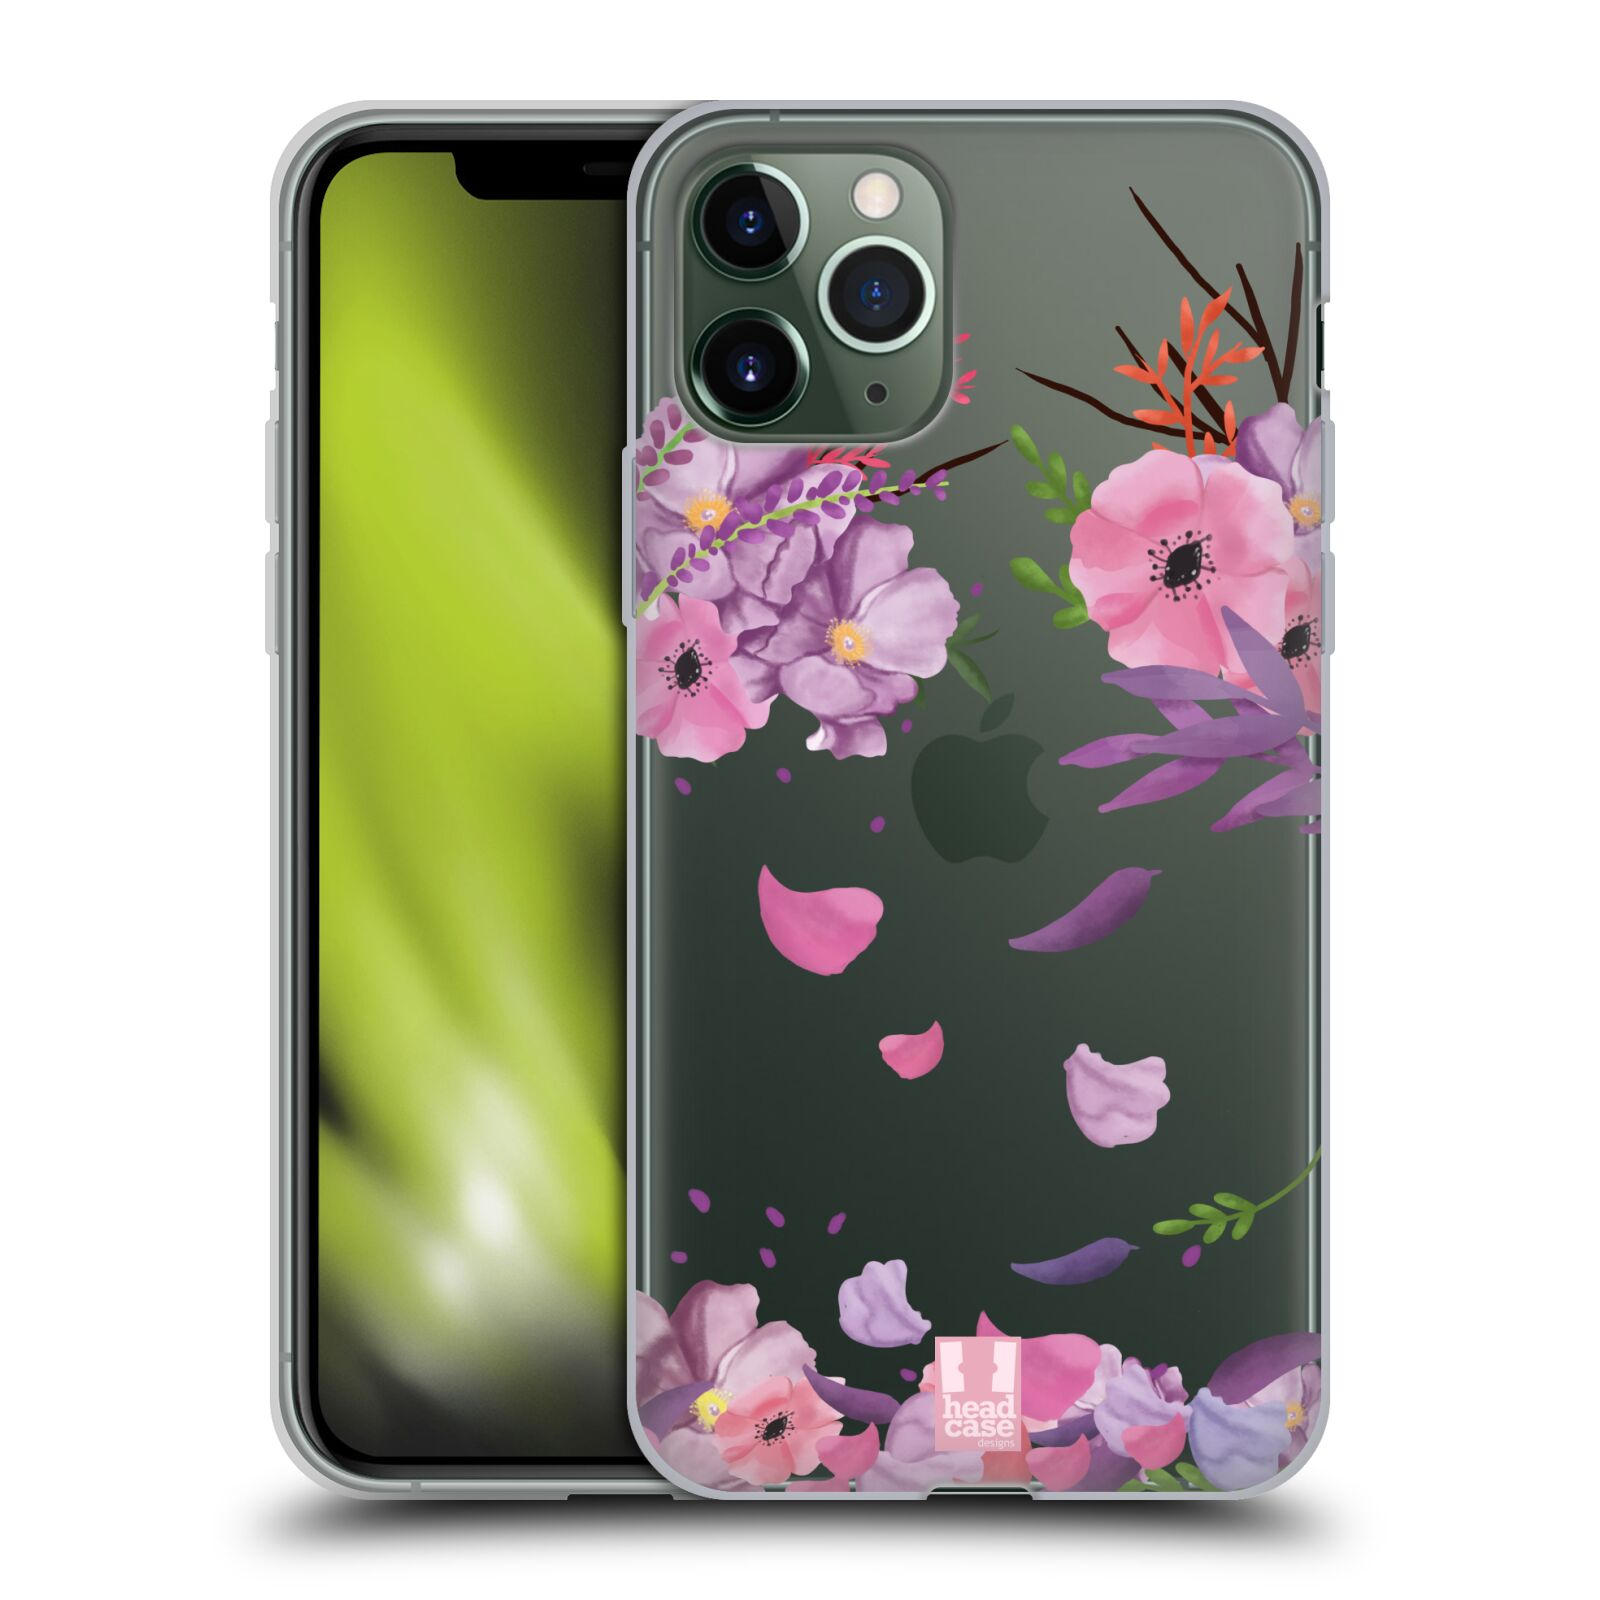 uag kryt iphone 8 , Silikonové pouzdro na mobil Apple iPhone 11 Pro - Head Case - Okvětní lístky